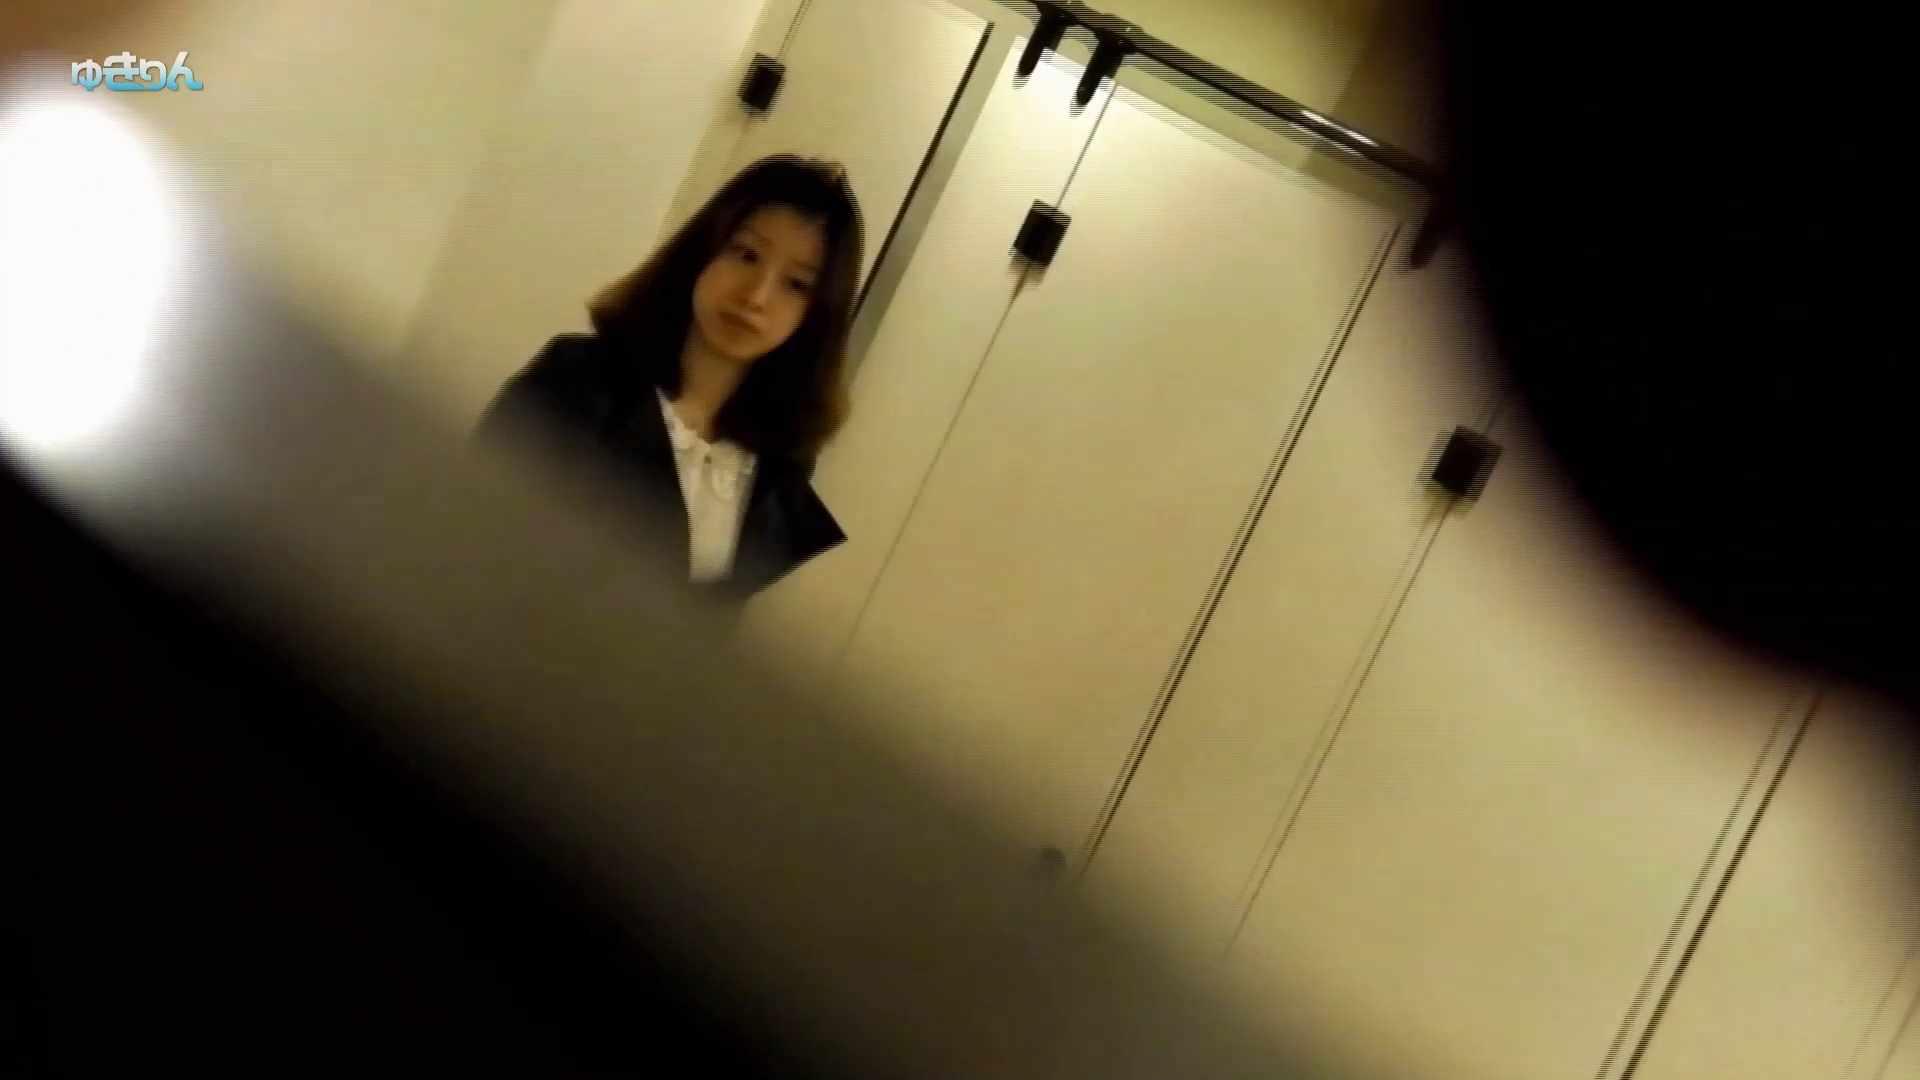 新世界の射窓 No81 制月反さん登場!! ギャル達 AV動画キャプチャ 89枚 80